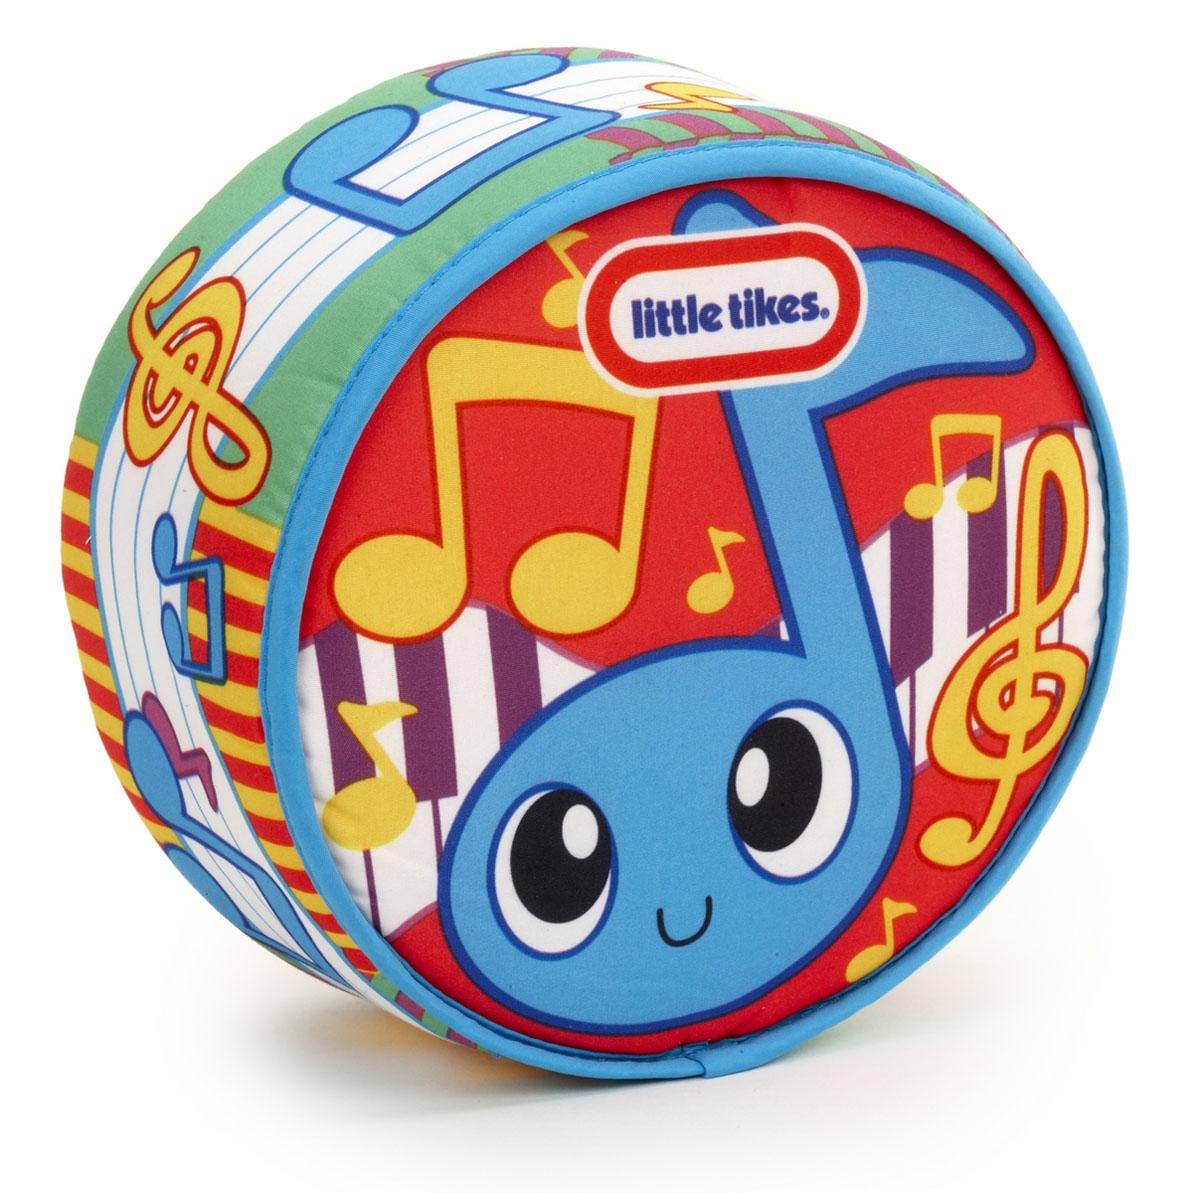 Развивающая игрушка Little Tikes Drum-a-Ditty635977Развивающая игрушка Little Tikes Drum-a-Ditty поможет вашему крохе сделать первые удачные шаги в мире музыки. Мягконабивной барабан оформлен яркими рисунками. При постукивании по игрушке будут воспроизводится звуки различных мелодий. Таким образом, малыш сможет сам сыграть мелодию. Барабан Little Tikes способствует развитию звуковосприятия, чувства ритма и координации движений. Рекомендуется докупить 2 батарейки напряжением 1,5V типа ААА (товар комплектуется демонстрационными).